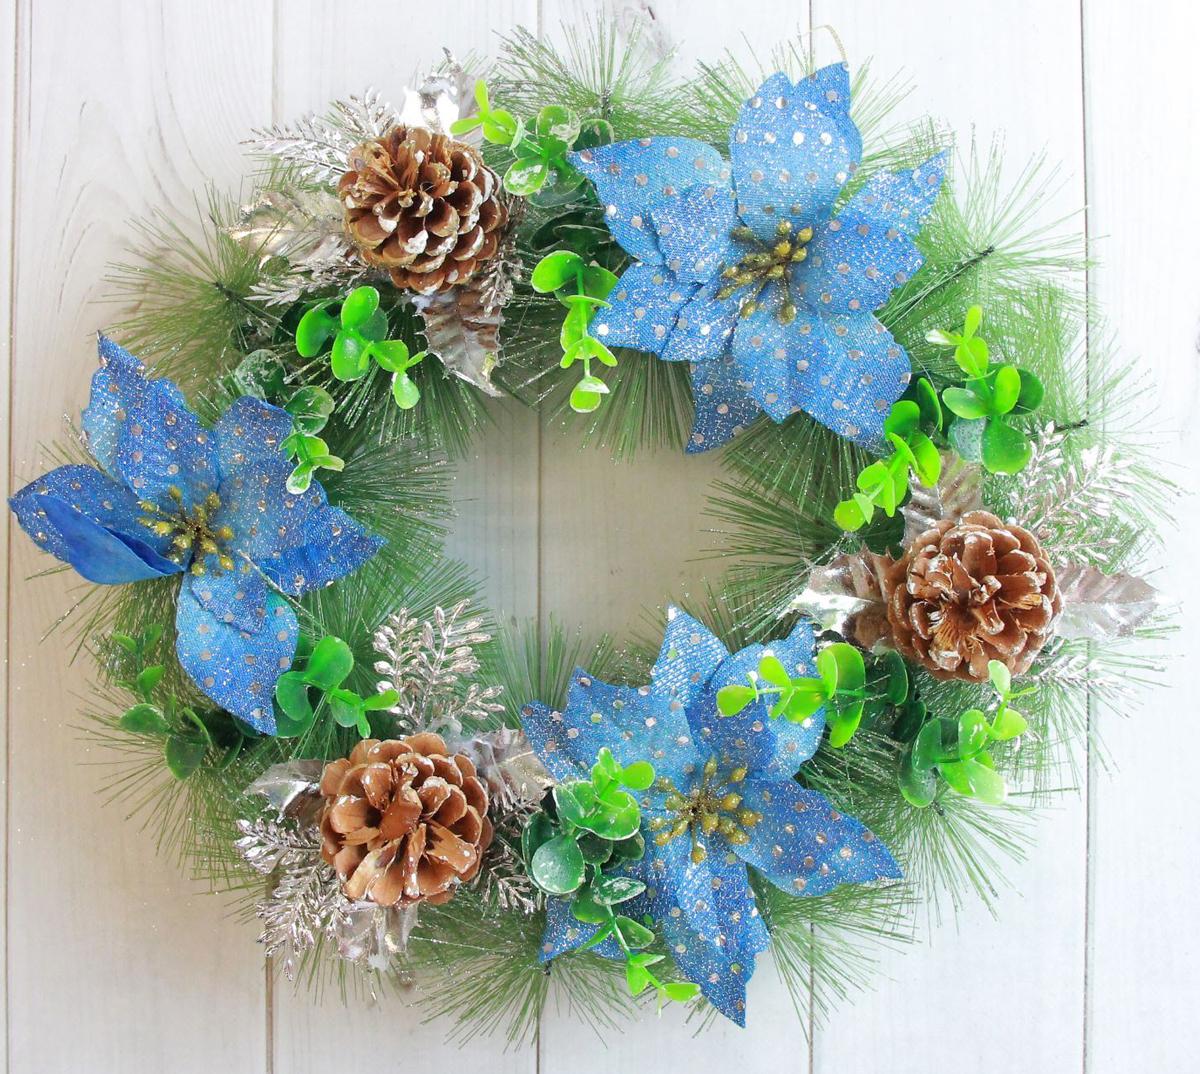 Венок новогодний С синими цветами и шишками, диаметр 30 см2372104Невозможно представить нашу жизнь без праздников! Мы всегда ждем их и предвкушаем, обдумываем, как проведем памятный день, тщательновыбираем подарки и аксессуары, ведь именно они создают и поддерживают торжественный настрой. Это отличный выбор, который привнесетатмосферу праздника в ваш дом! Диаметр венка: 30 см.